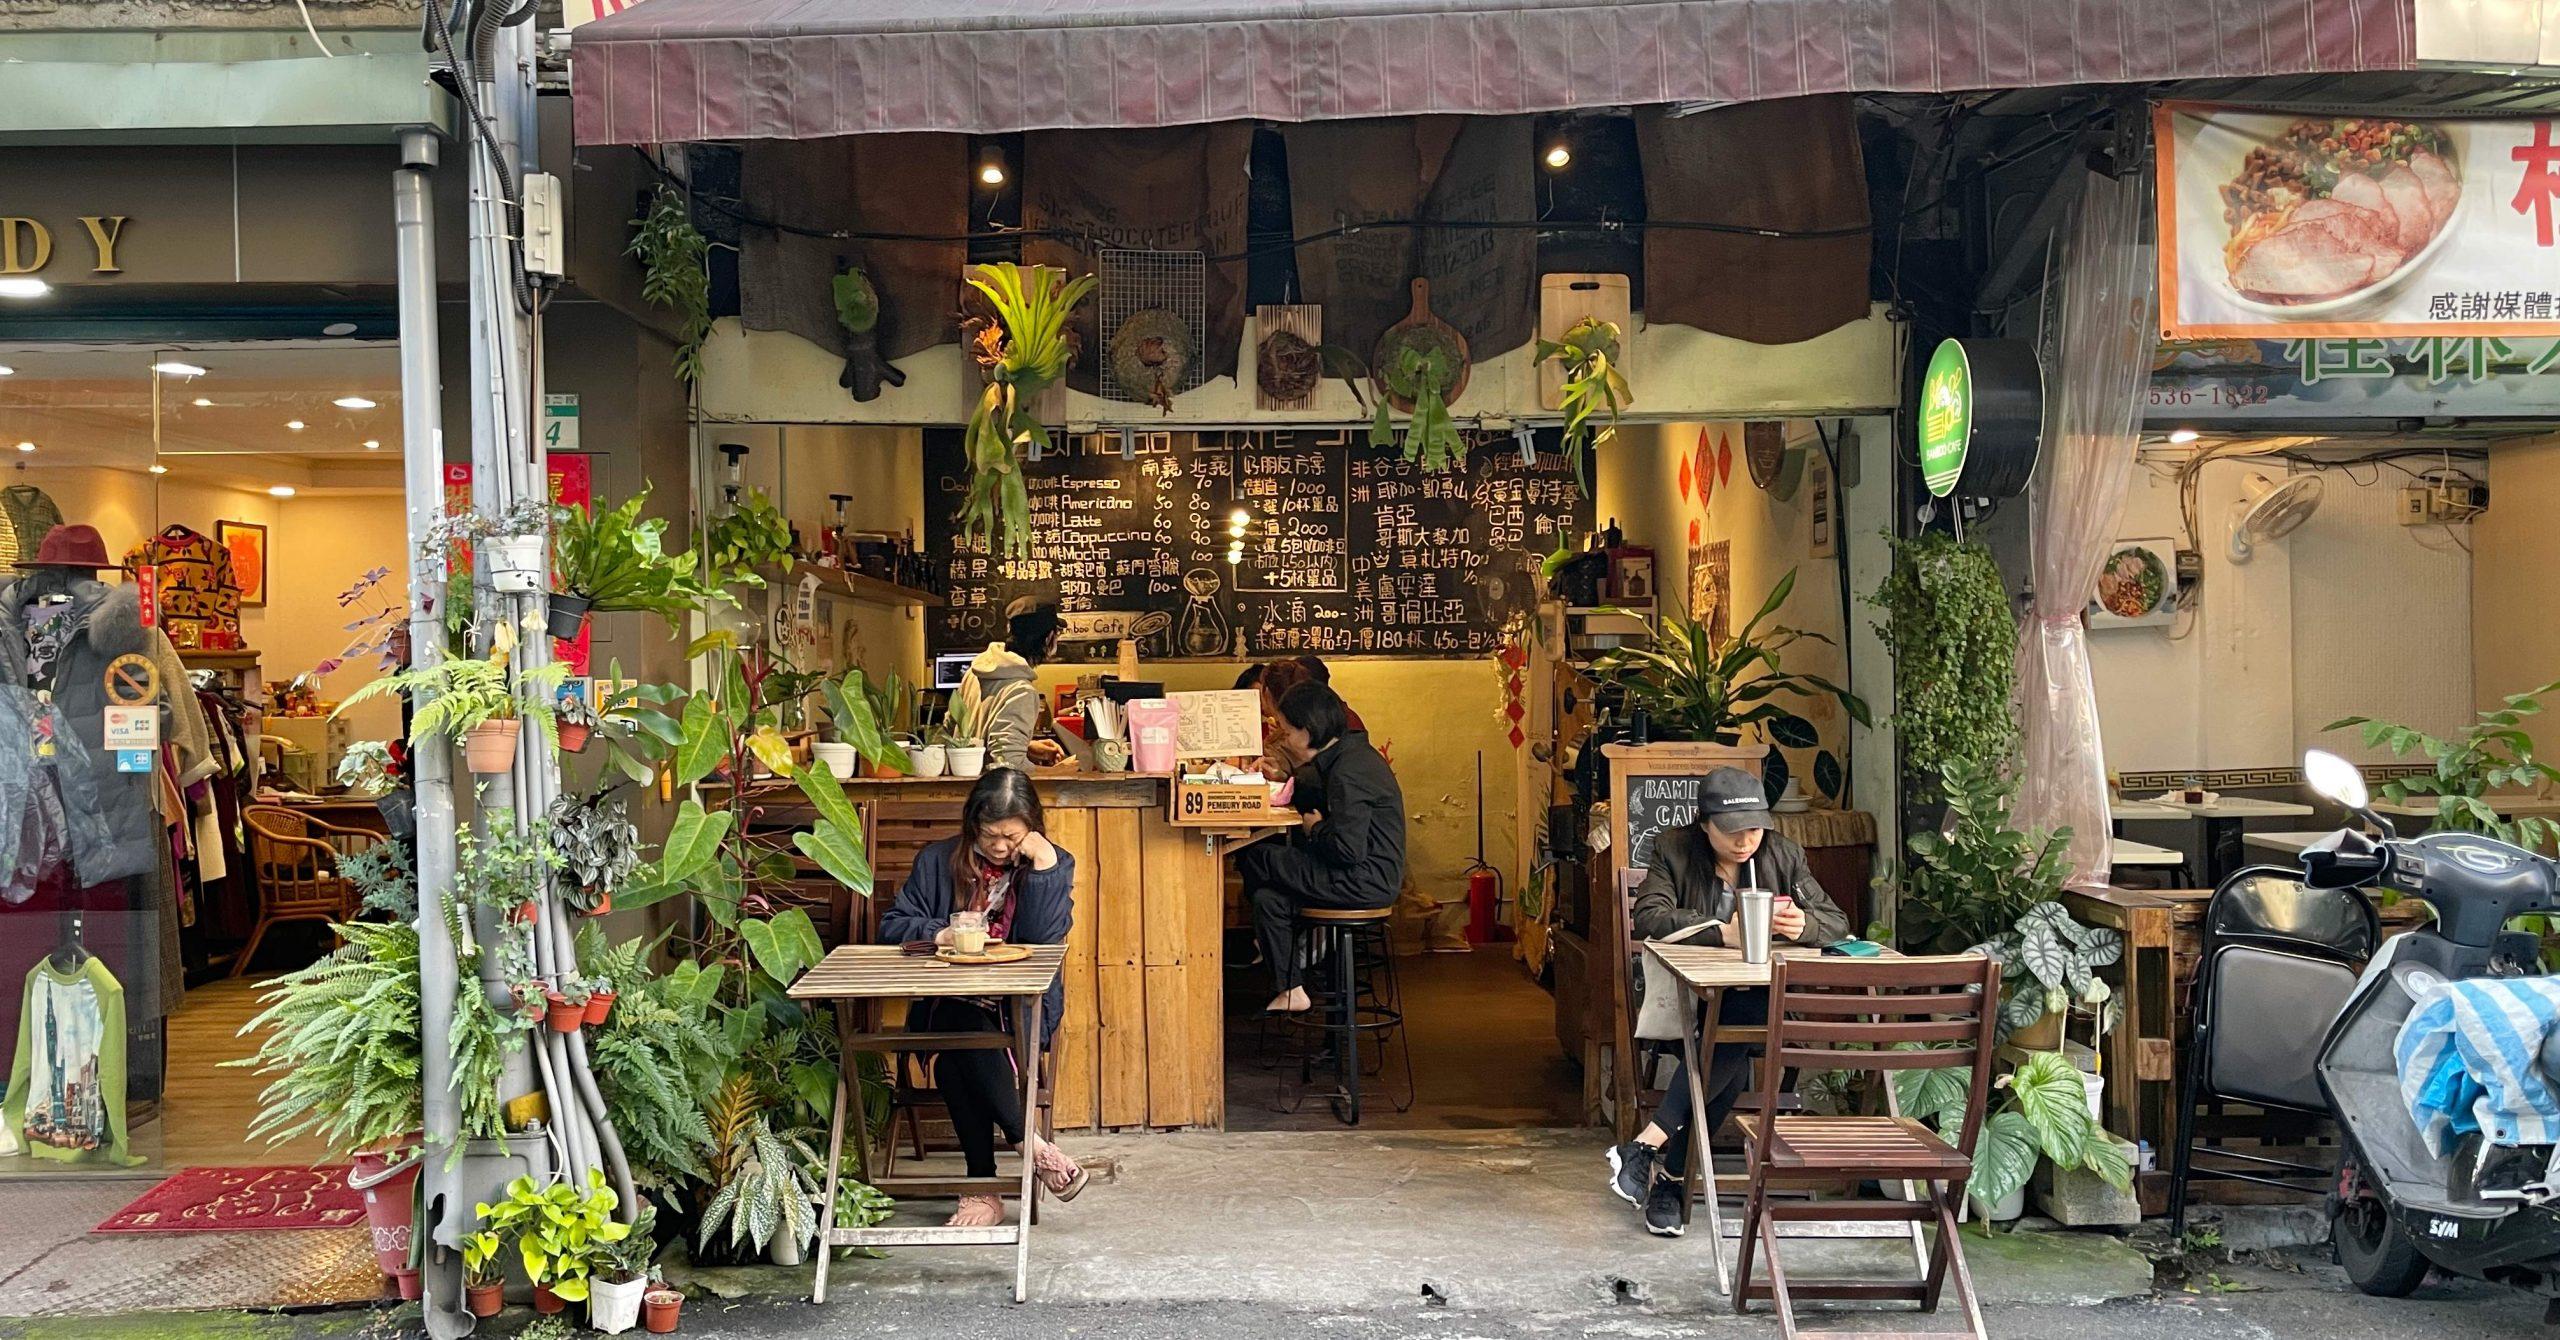 行天宮咖啡廳,行天宮咖啡 @Nash,神之領域